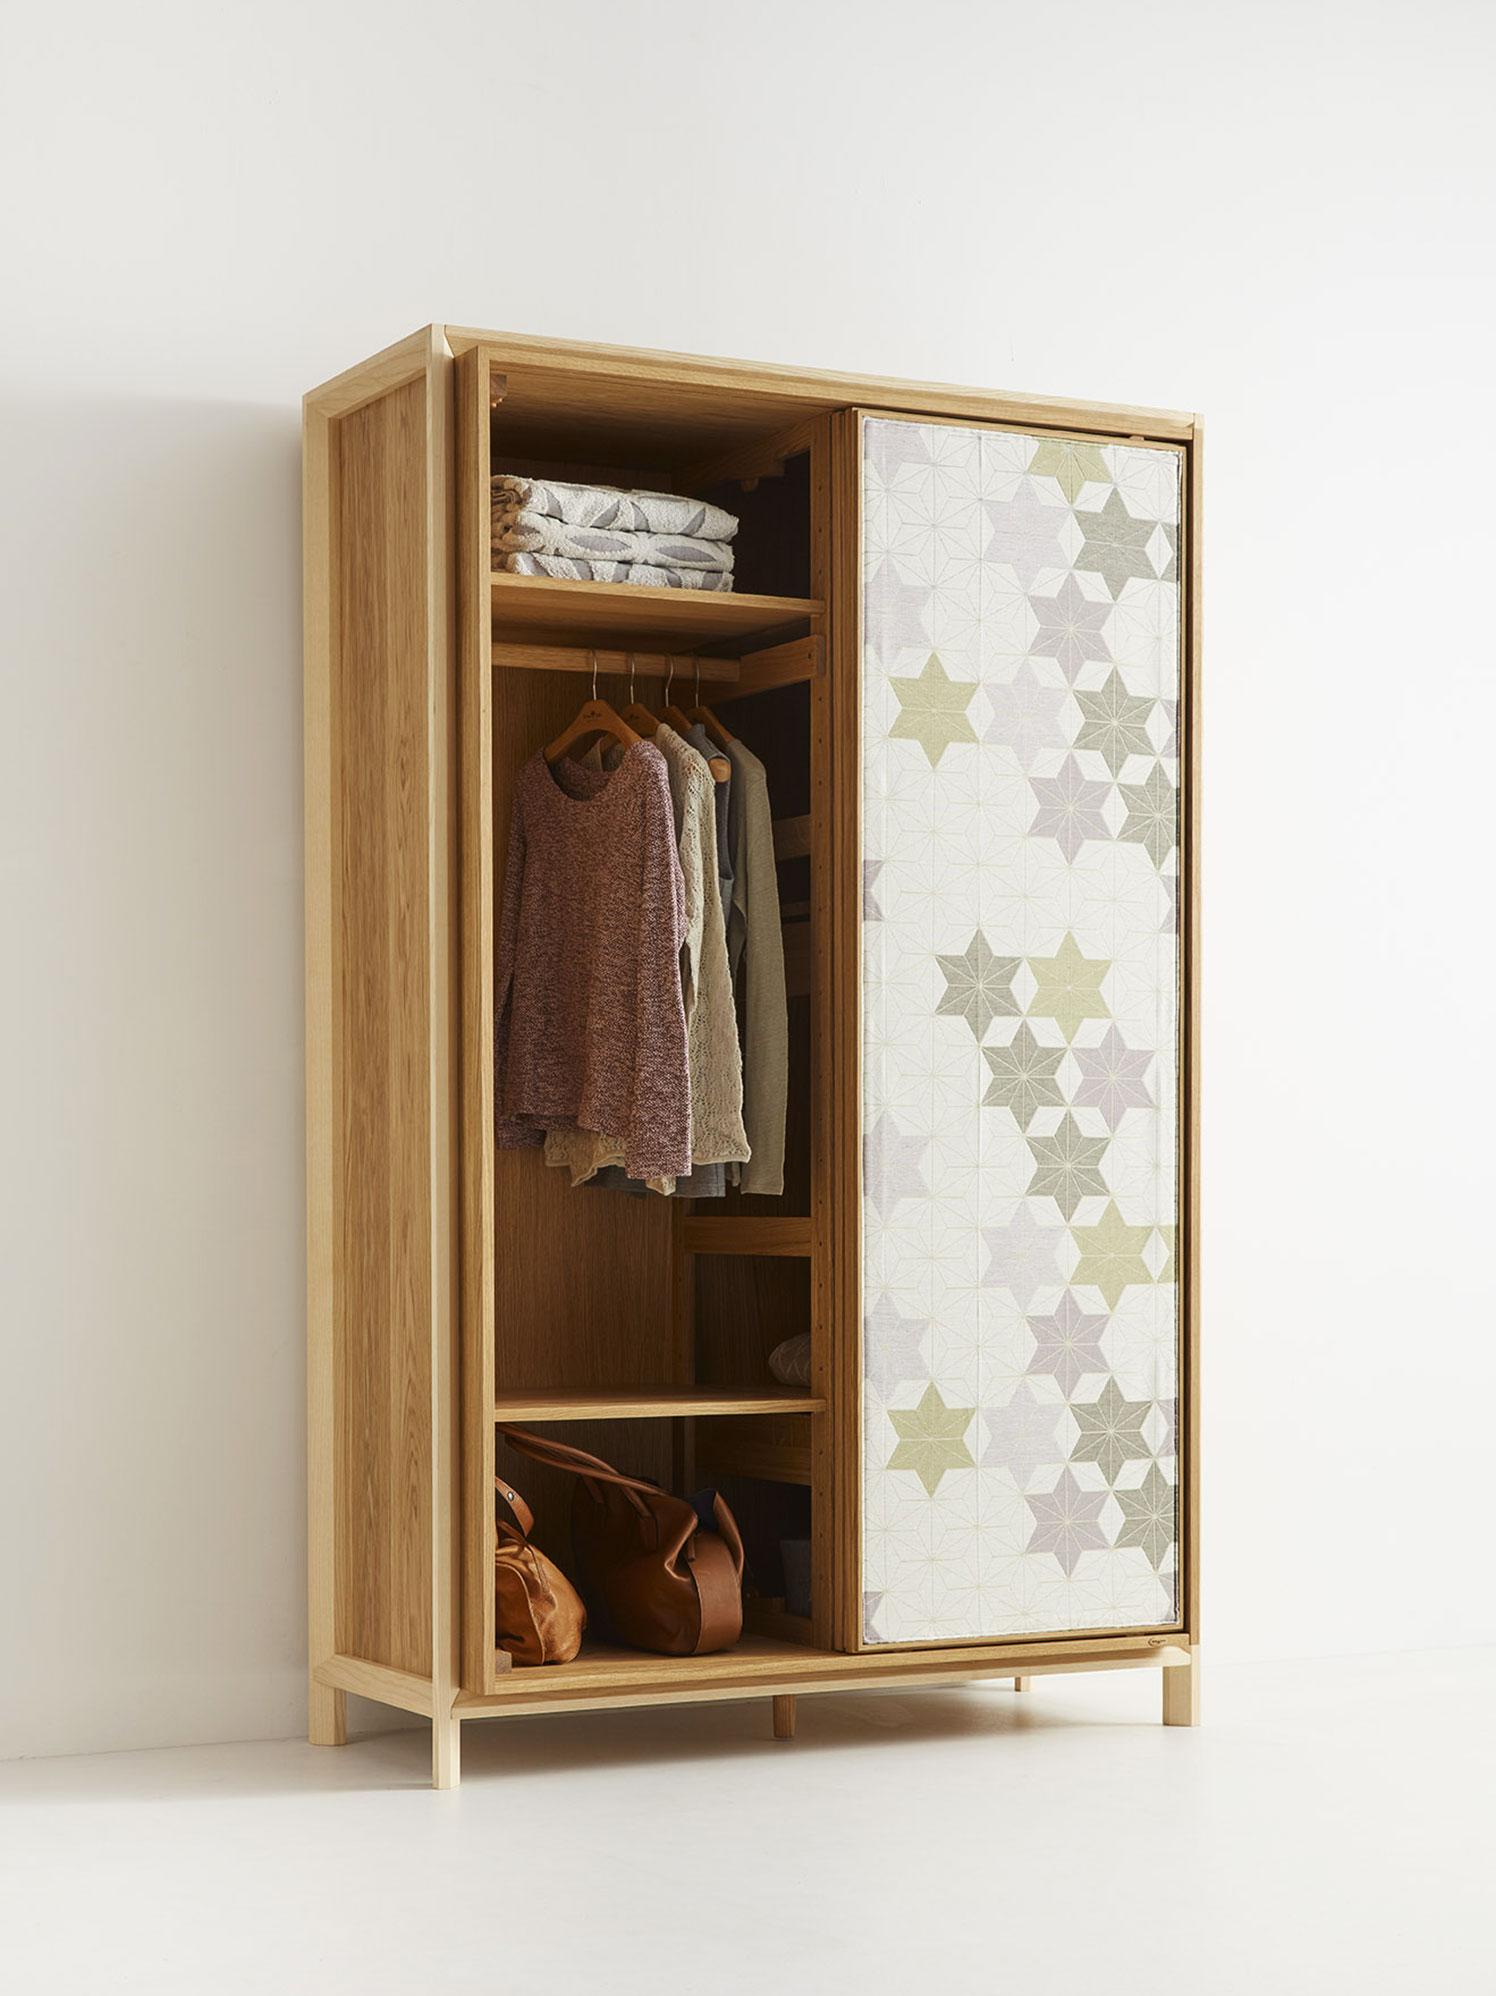 Asanoha Kleiderschrank 2-türig, Eiche, Türen mit Holz ...